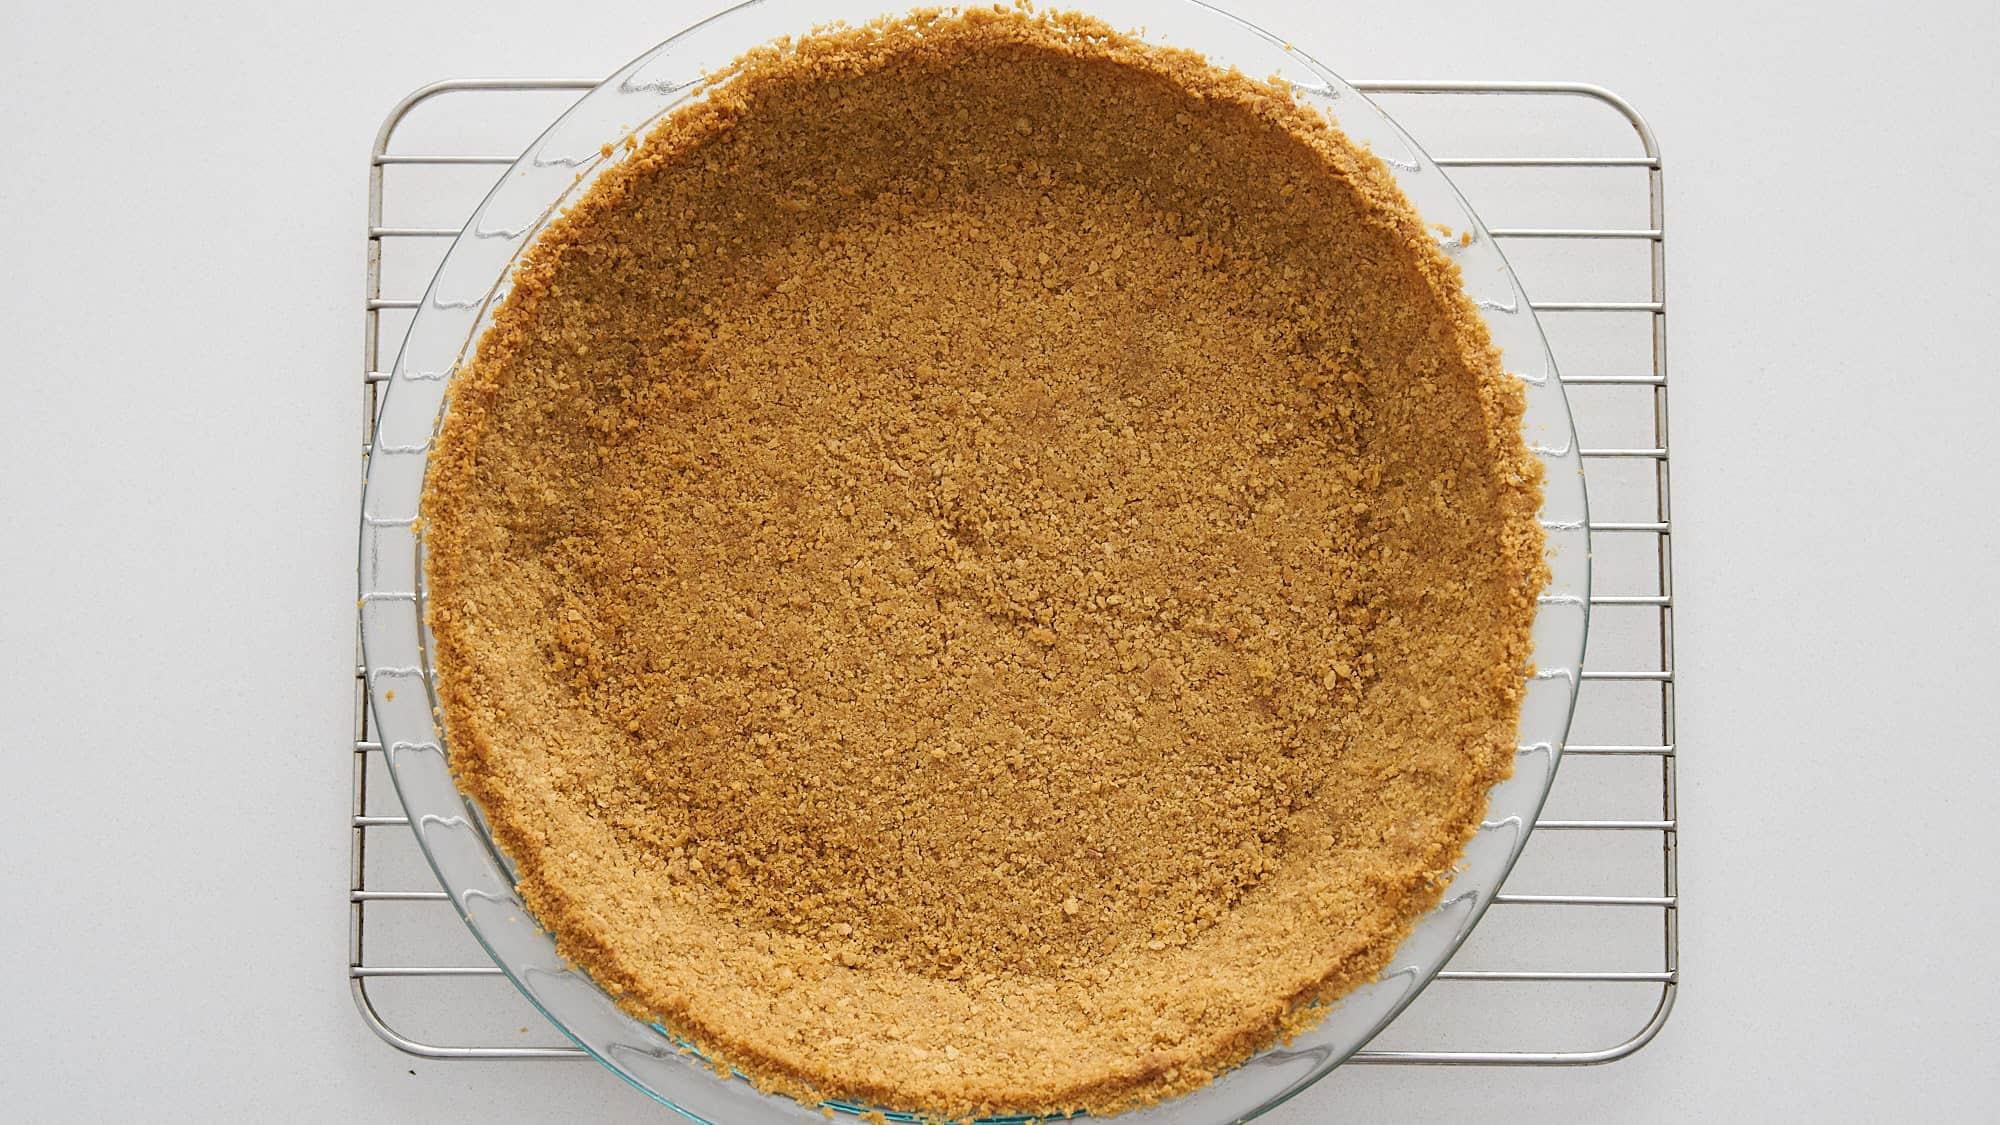 Graham cracker crust for key lime pie.